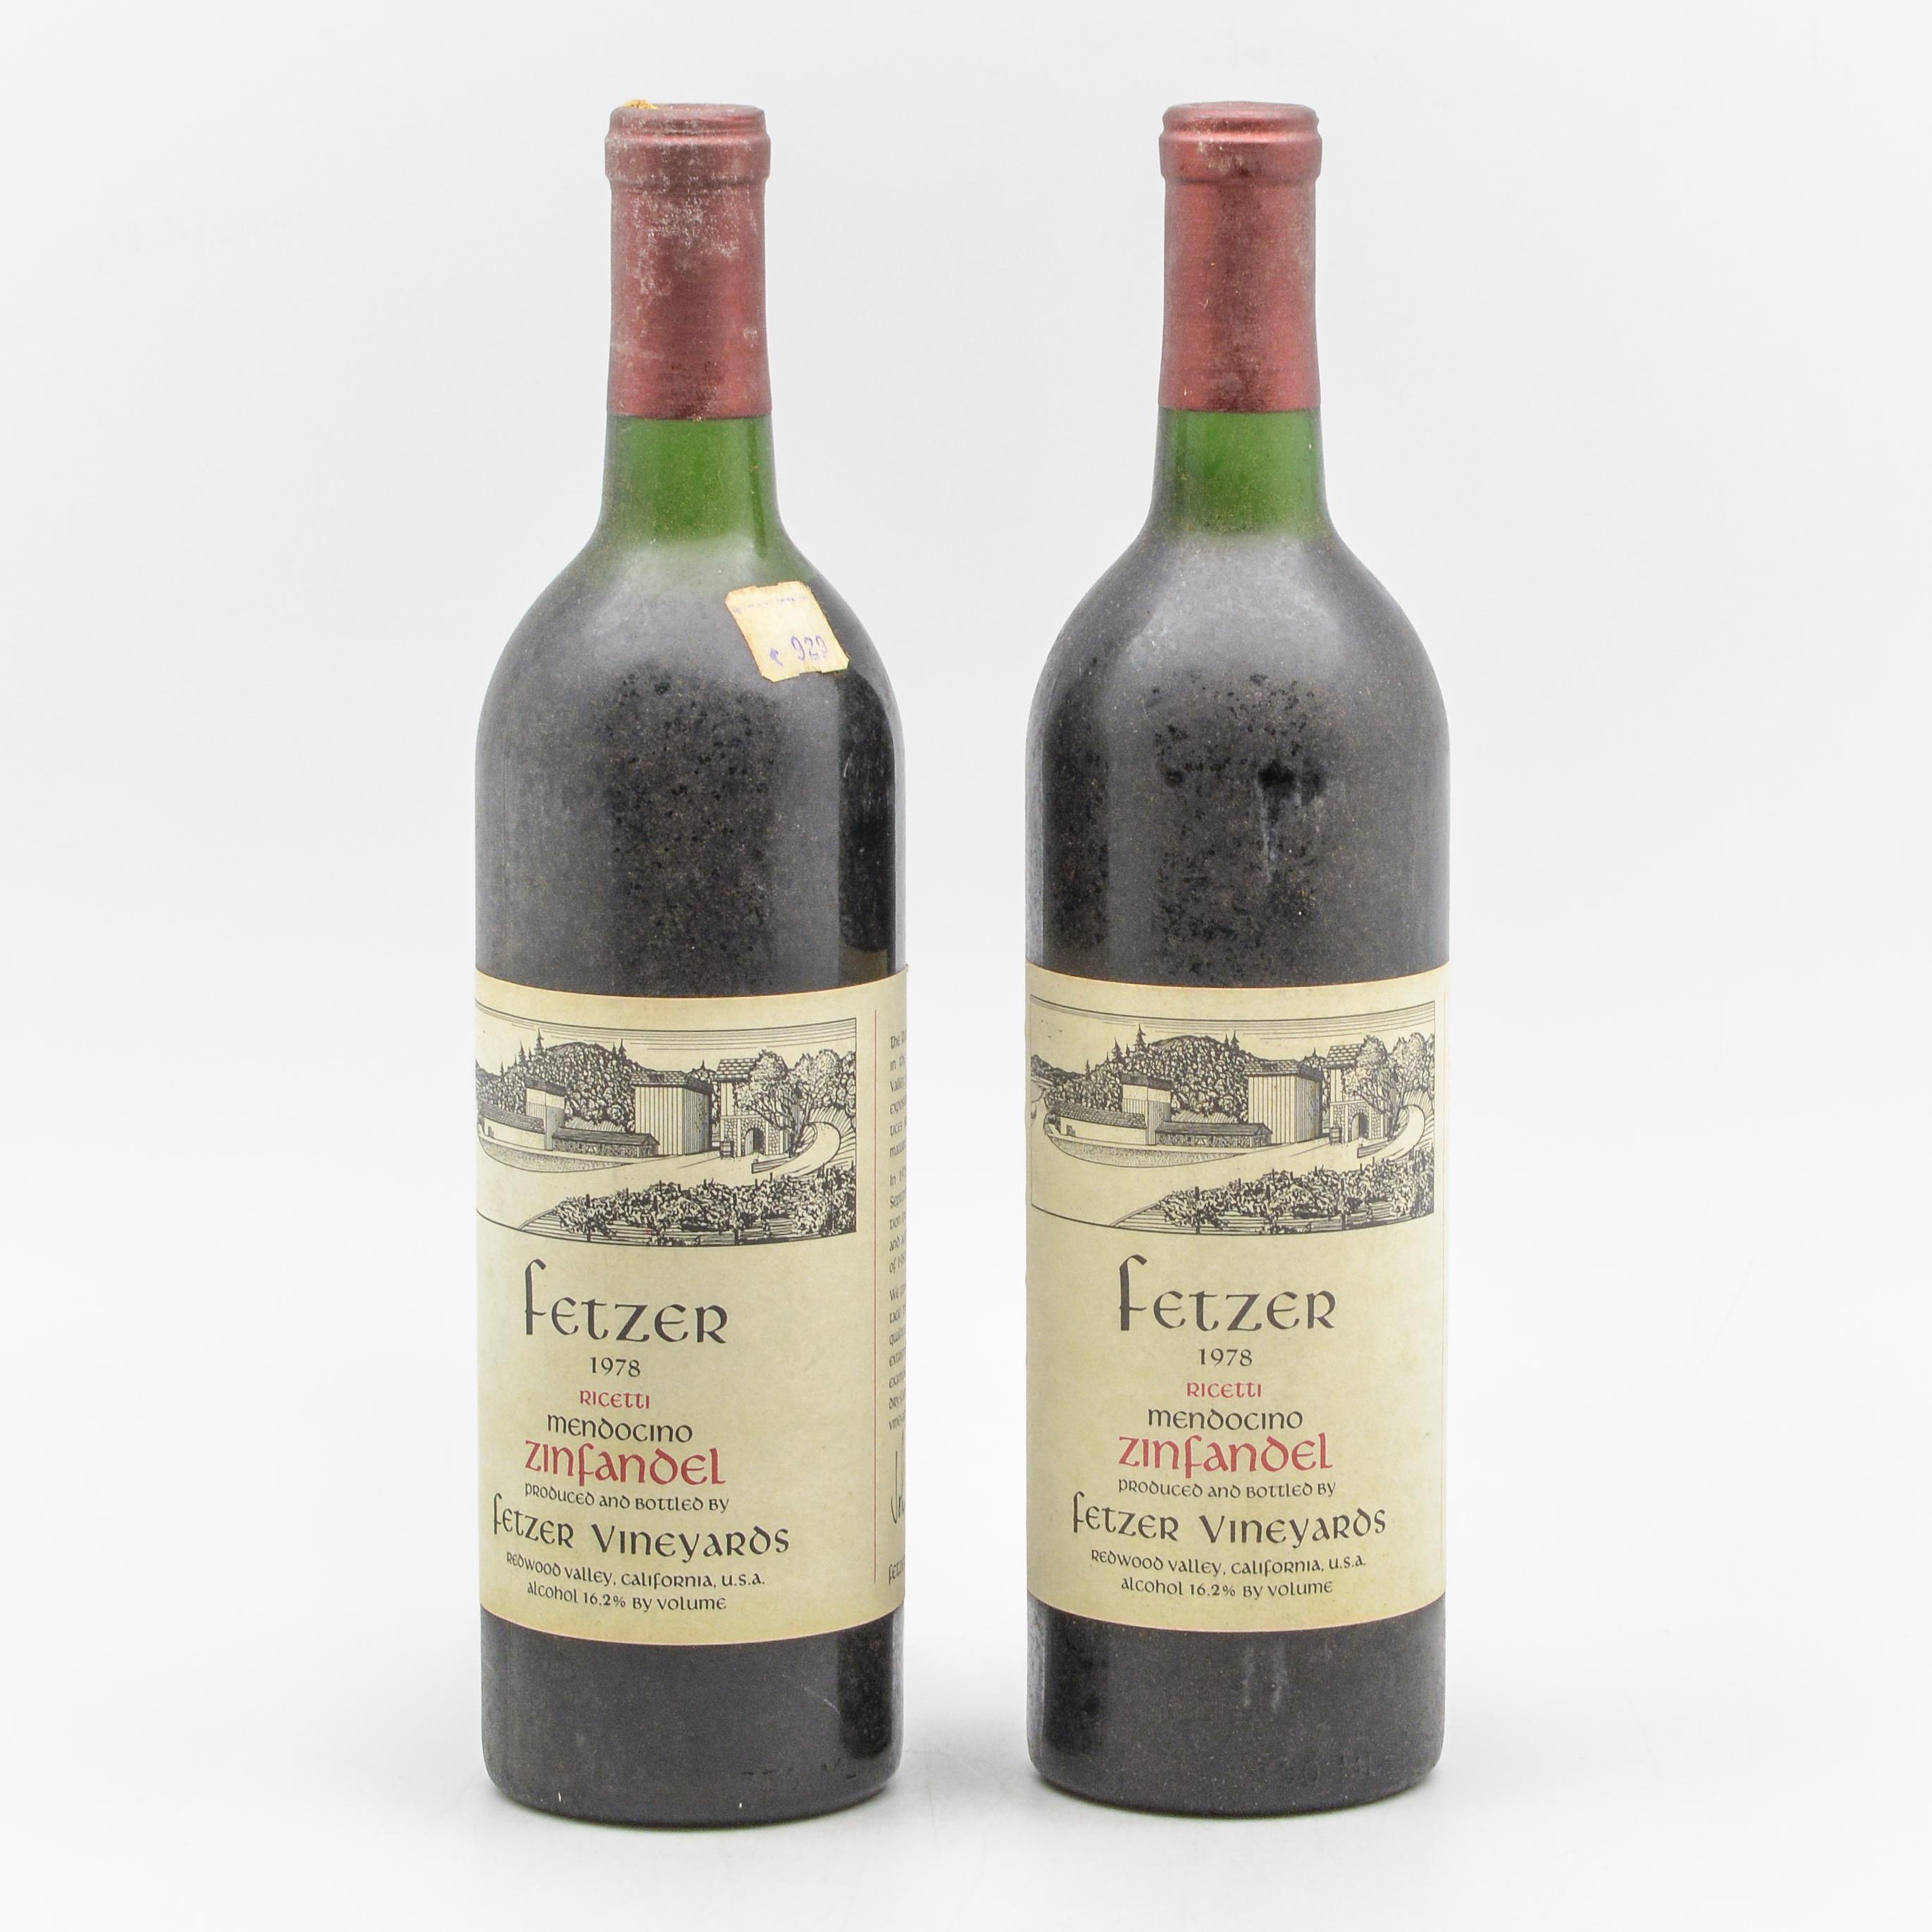 Fetzer Zinfandel 1978  Mendocino, 2 bottles (Lot 1470, Estimate: $30-40)